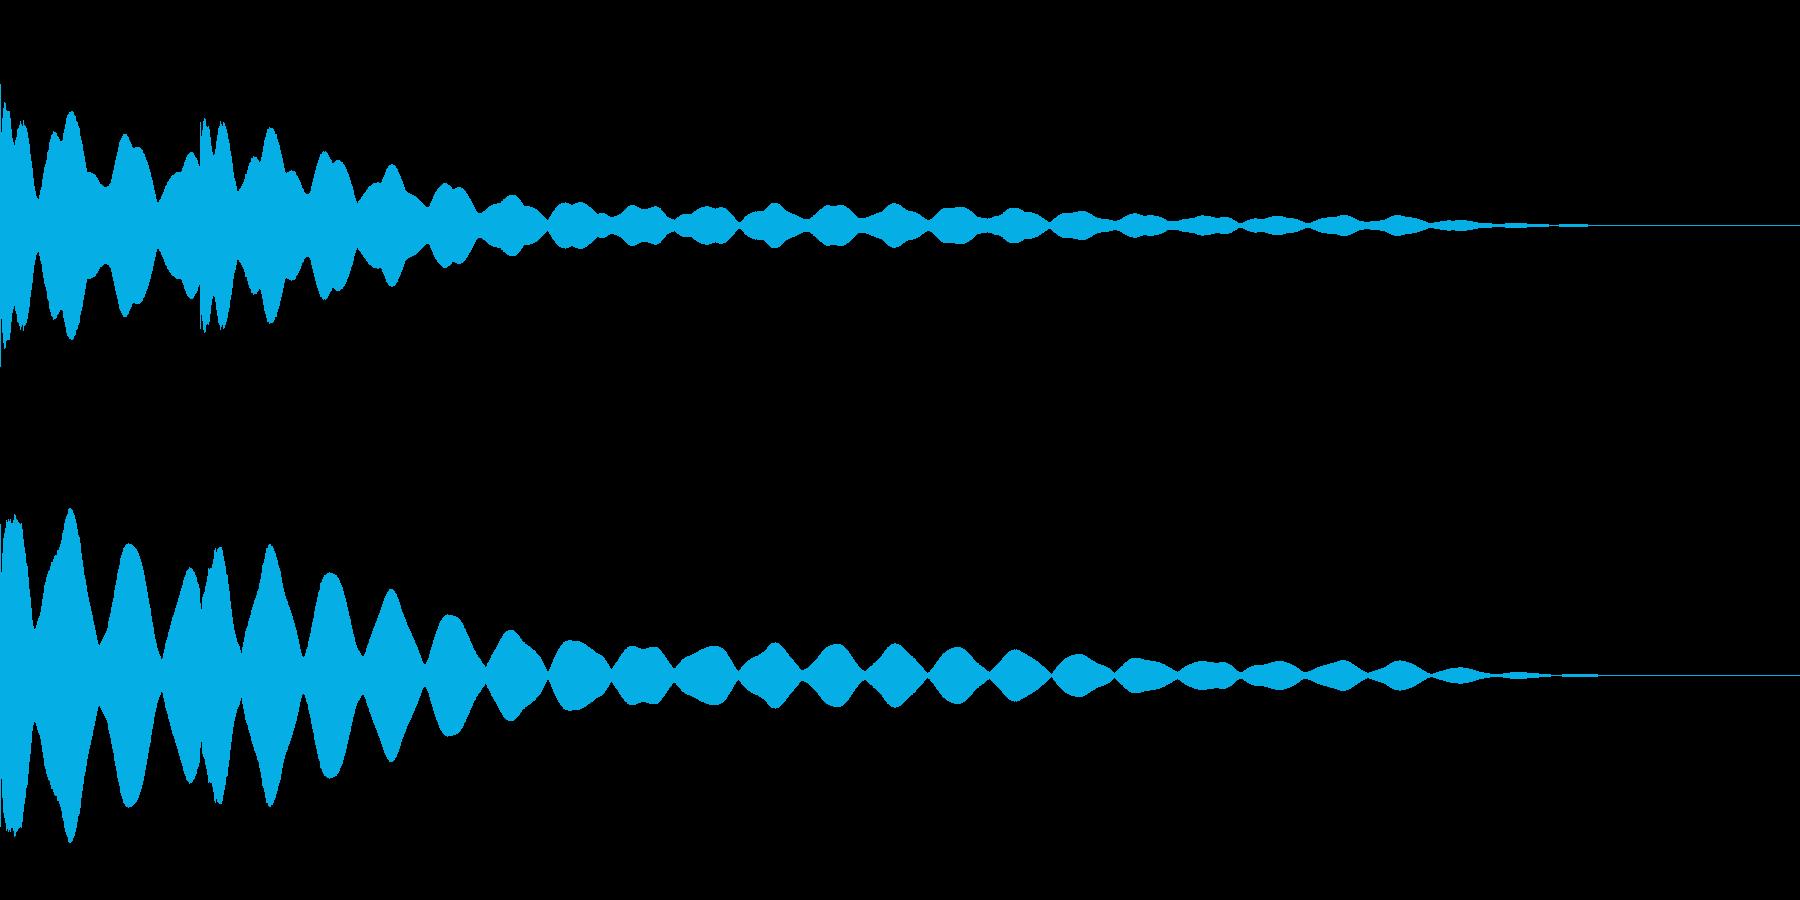 チーンチーン 仏壇の鐘の音1 リバーブ付の再生済みの波形